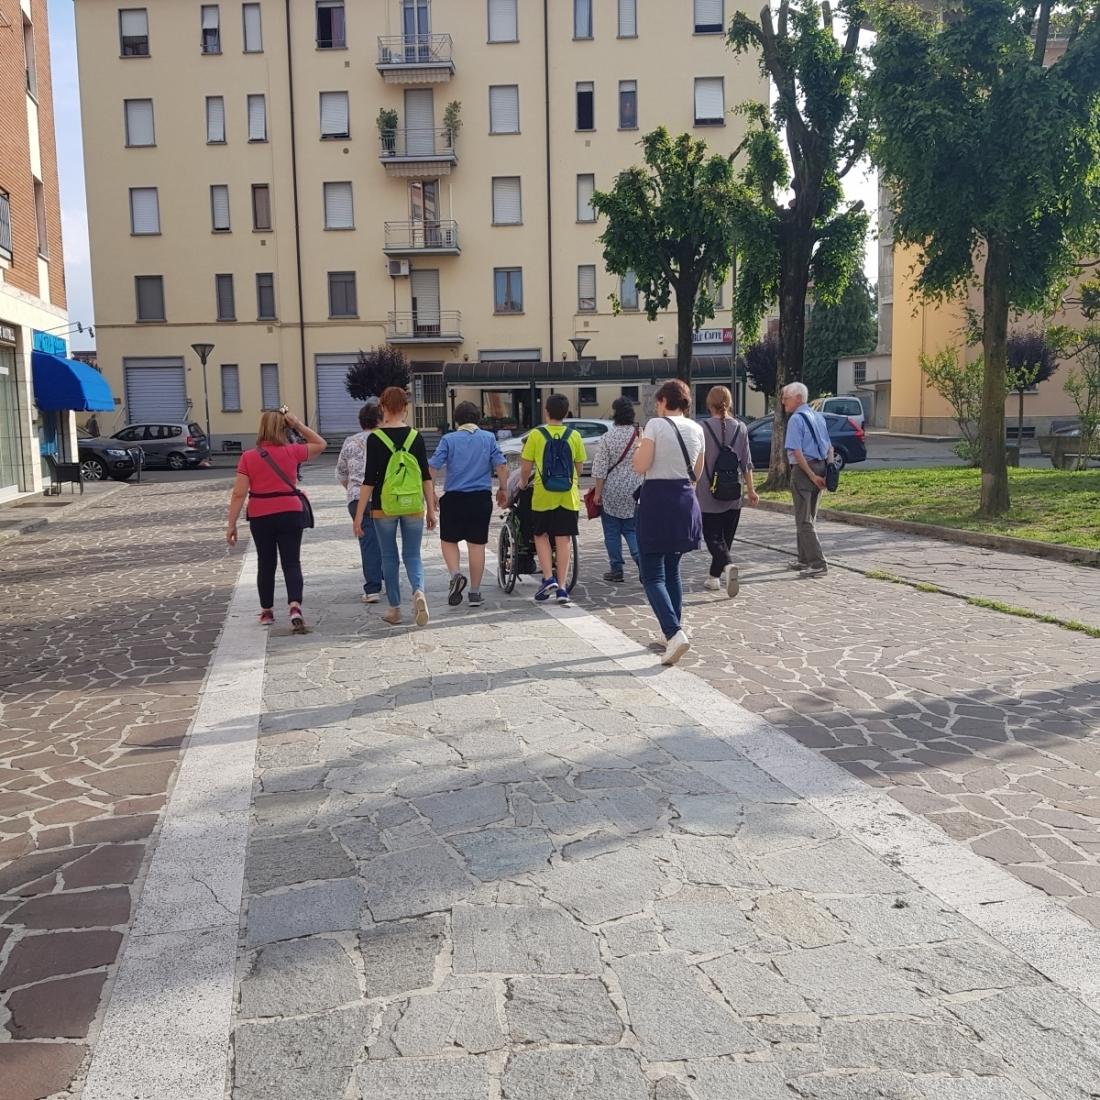 Pellegrinaggio Paderna 2018 (3)